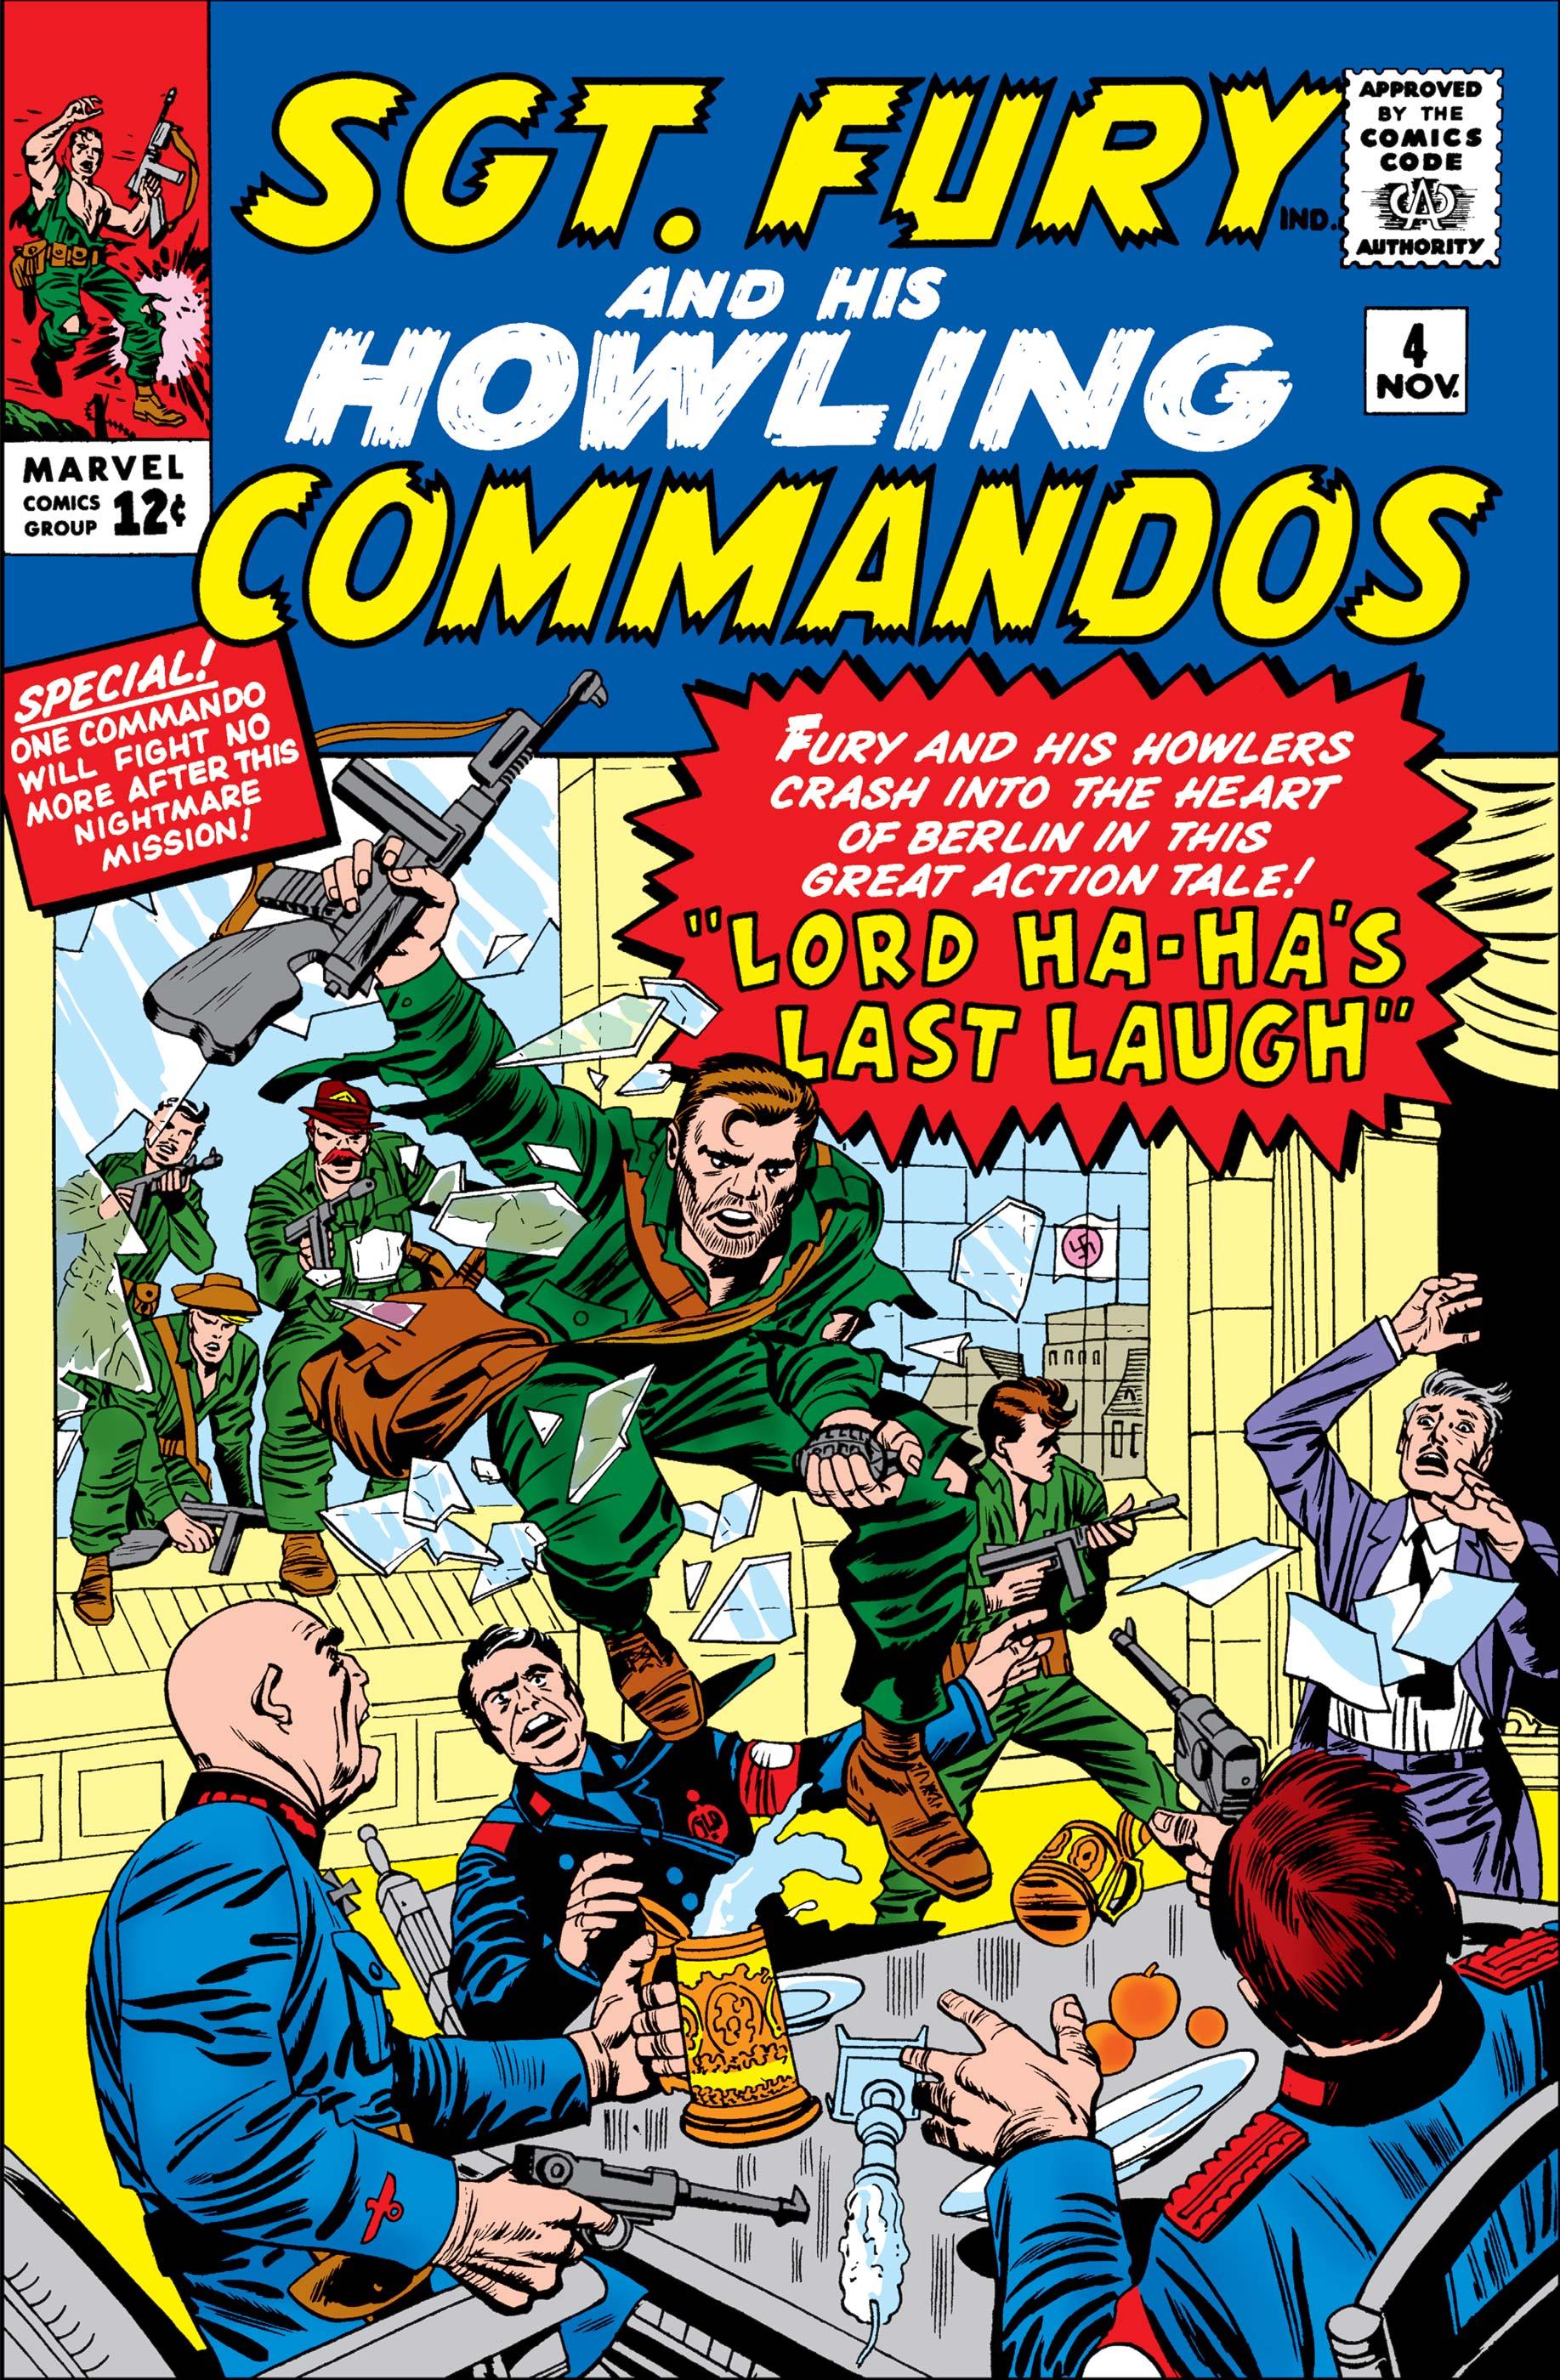 Sgt. Fury (1963) #4